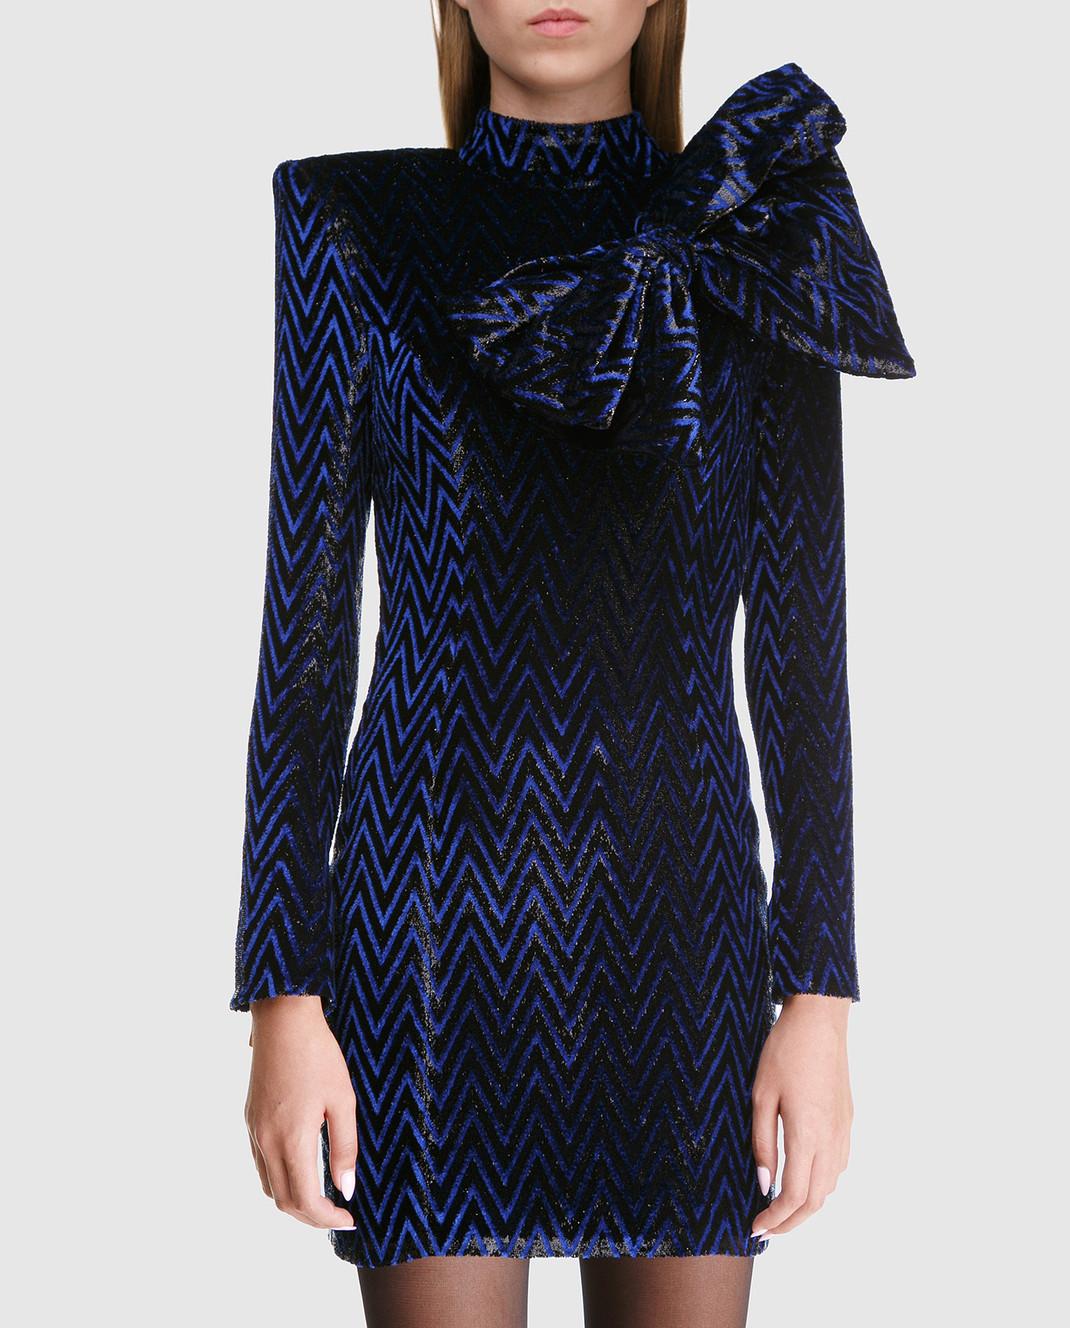 Balmain Синее платье с блестками 143140 изображение 3